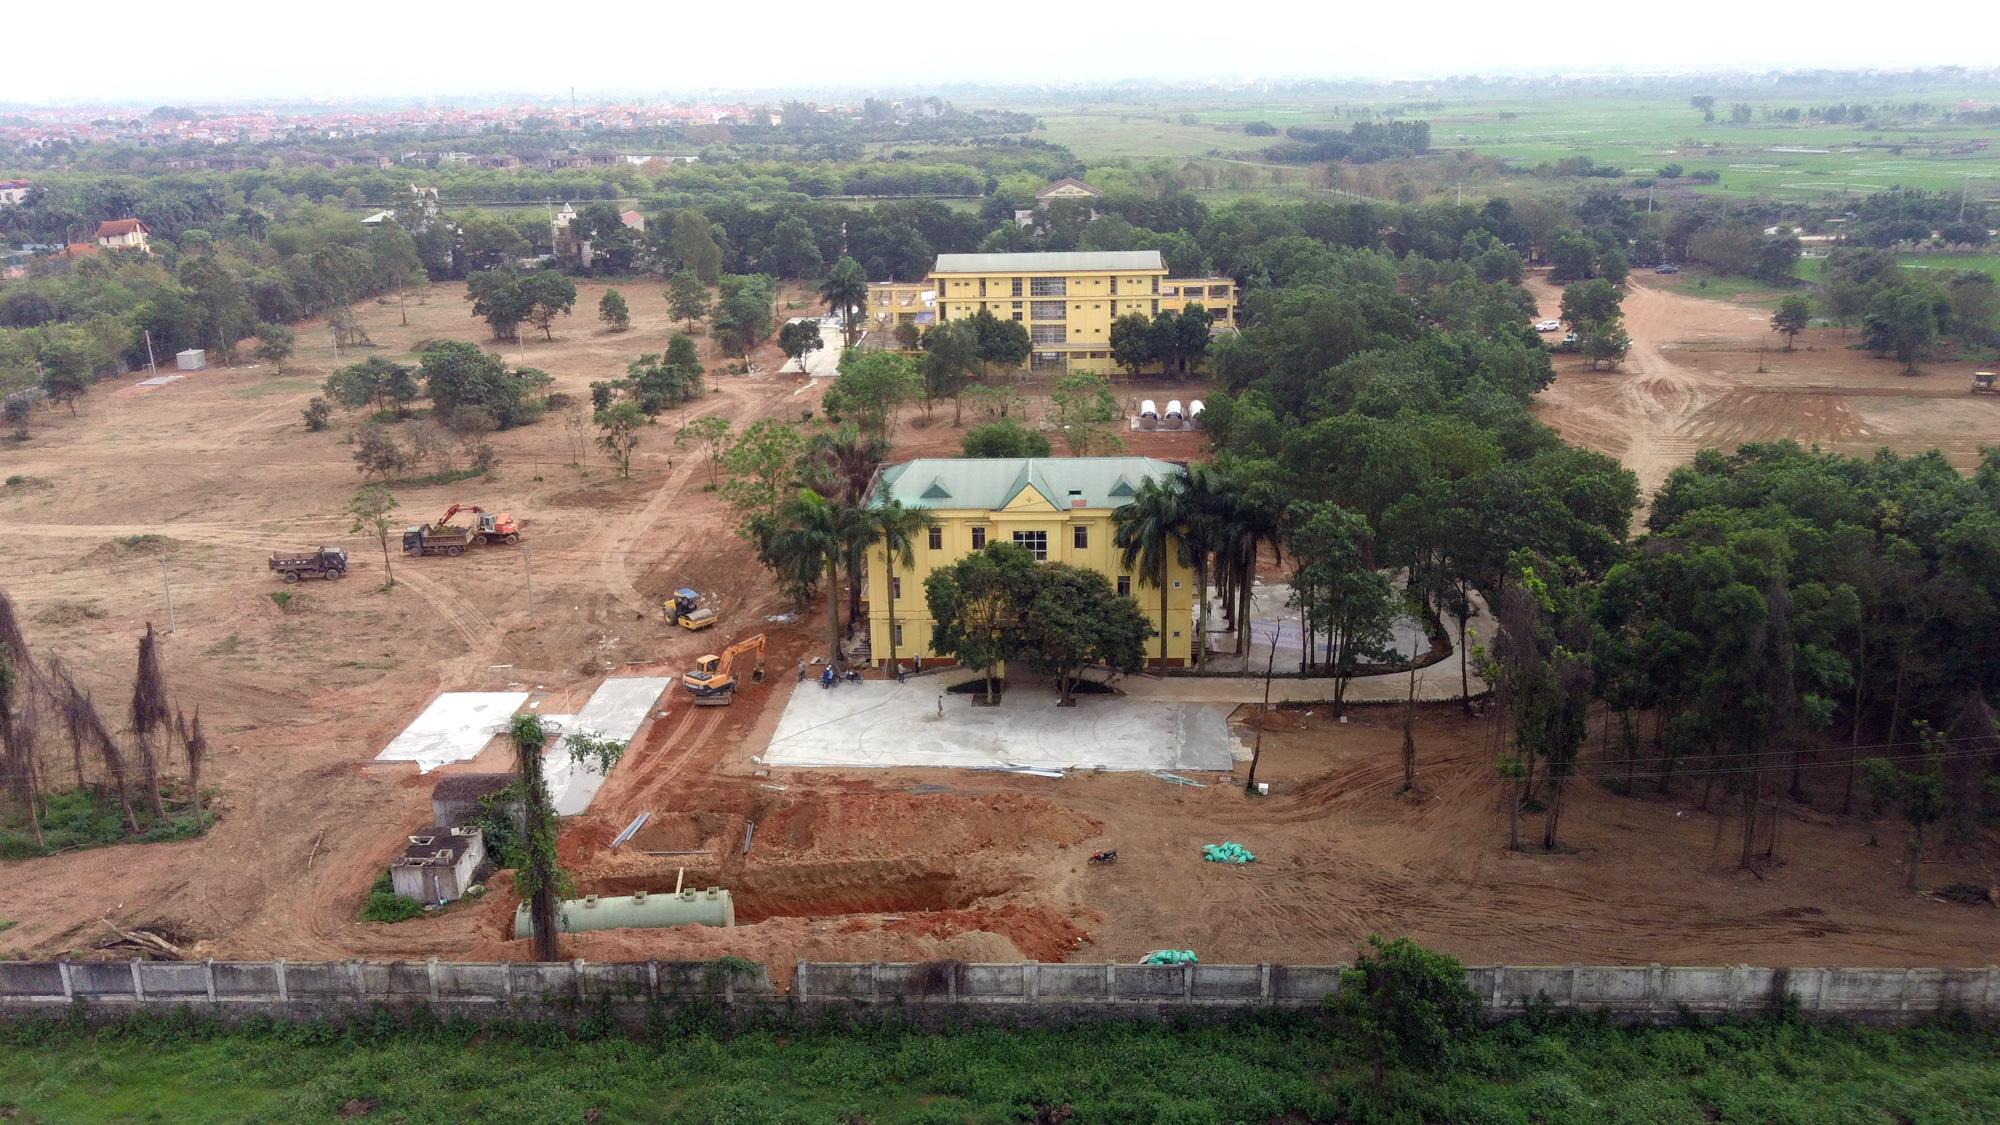 Hà Nội sửa xong bệnh viện bỏ hoang ở Mê Linh làm khu cách li chống dịch Covid-19 - Ảnh 14.